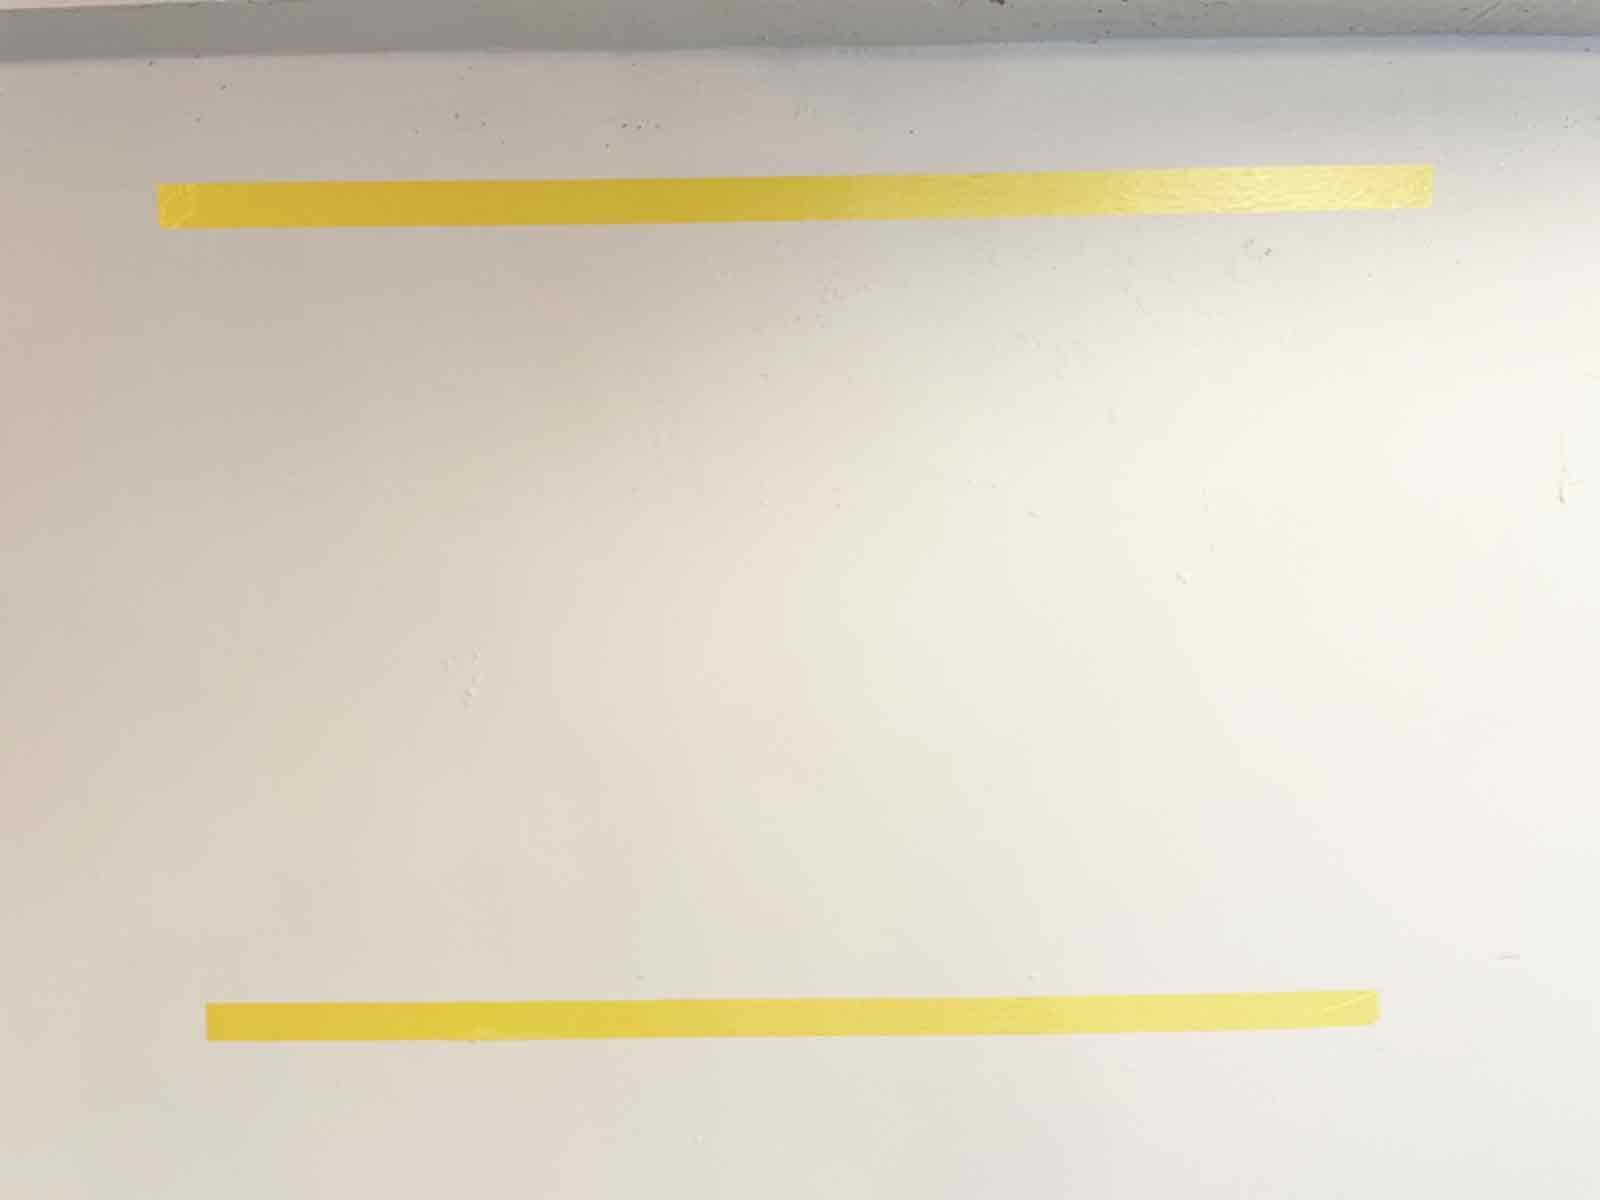 壁面側にもマグネットを取り付けるためのマスキングテープを貼る